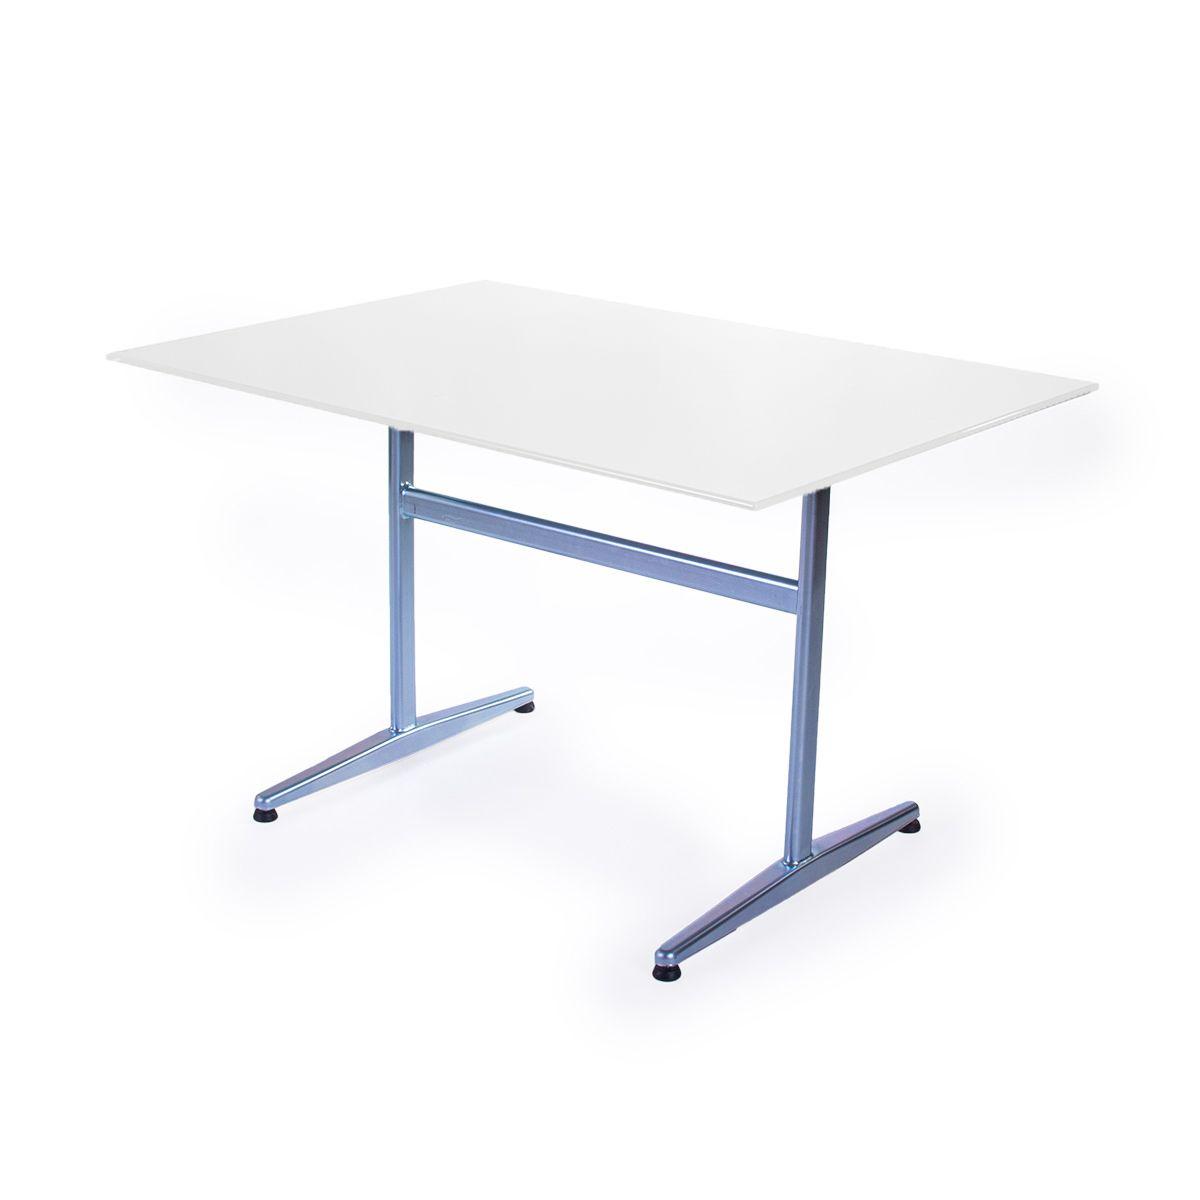 GFK Tisch reinweiss, glanz, elegance, Untergestell galvanisch, T-Gestell Basic, 140 x 80 x 0.9 cm, H 73 cm